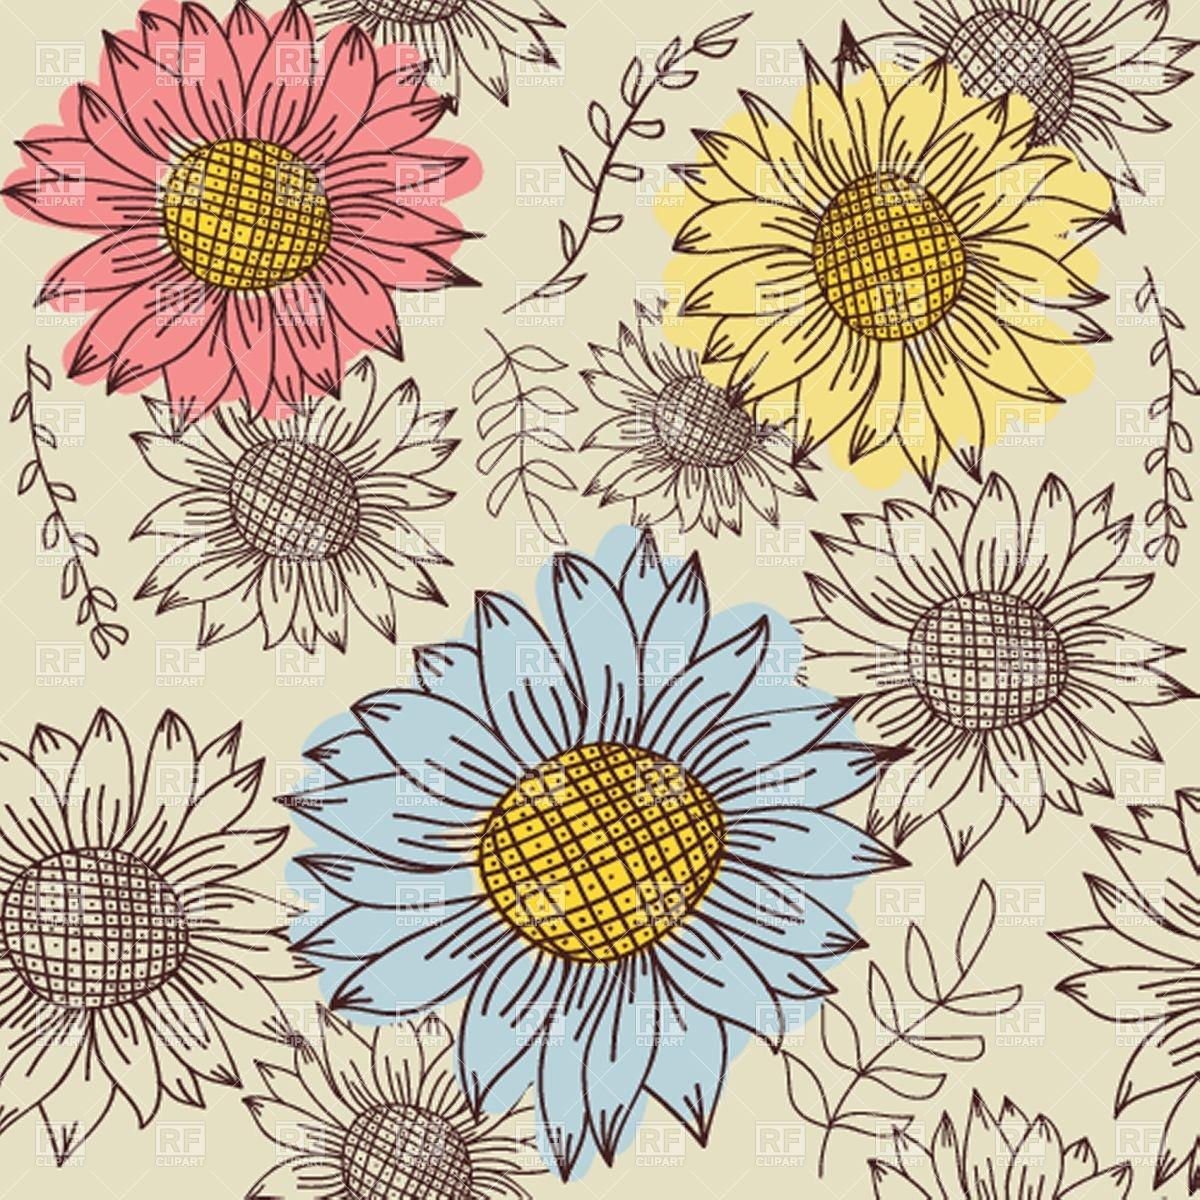 Wallpaper clipart sunflower Vintage Sunflower com WalOps Wallpaper